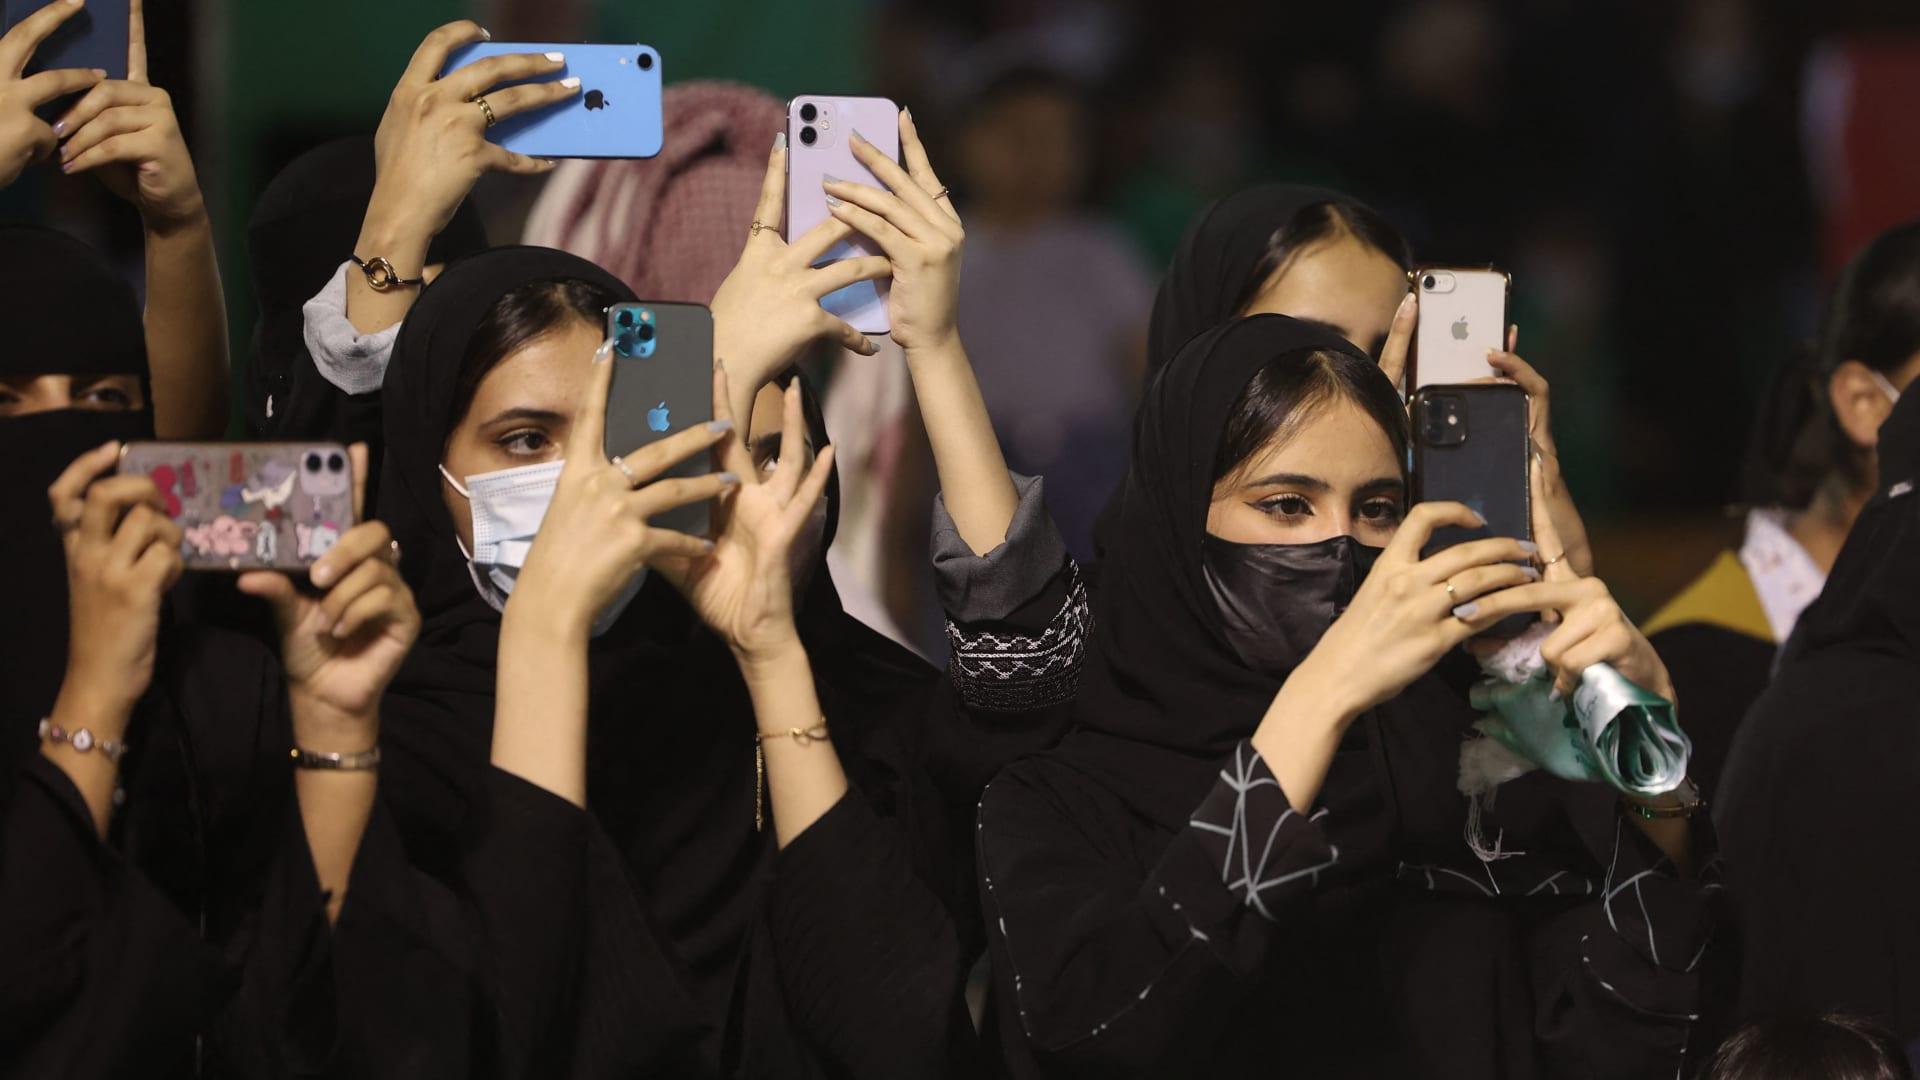 السعودية.. حوادث تحرش في اليوم الوطني تثير جدلا واسعًا.. ووزير الداخلية يتفاعل